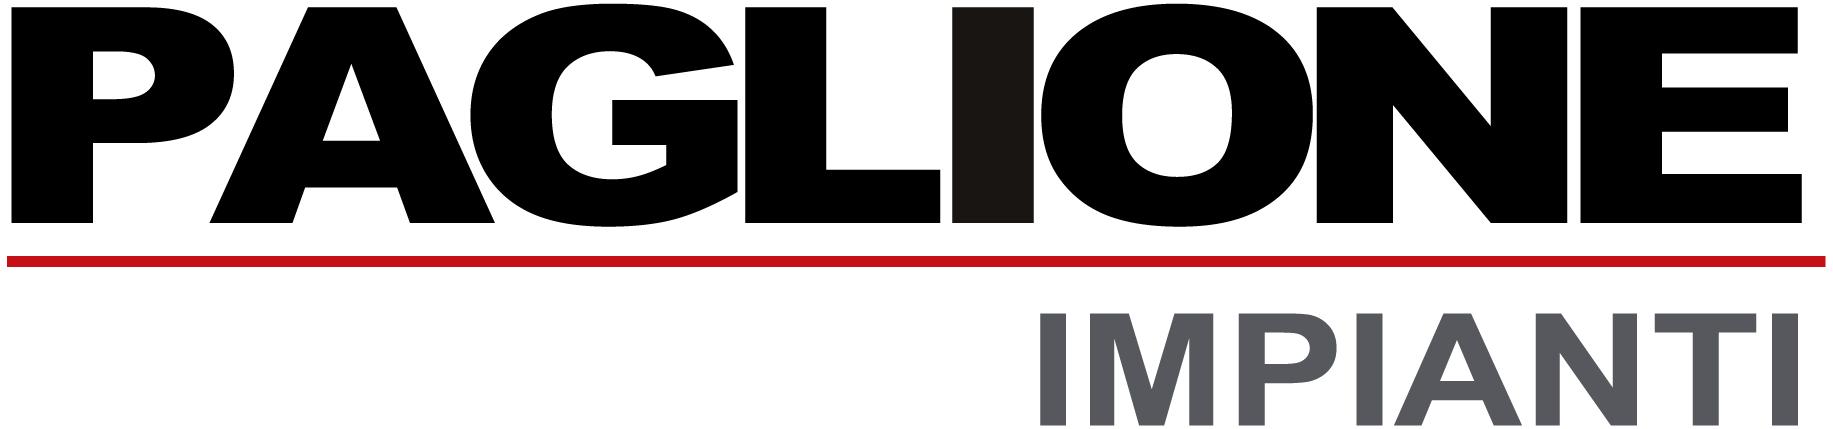 Paglione Impianti | Logo Grande